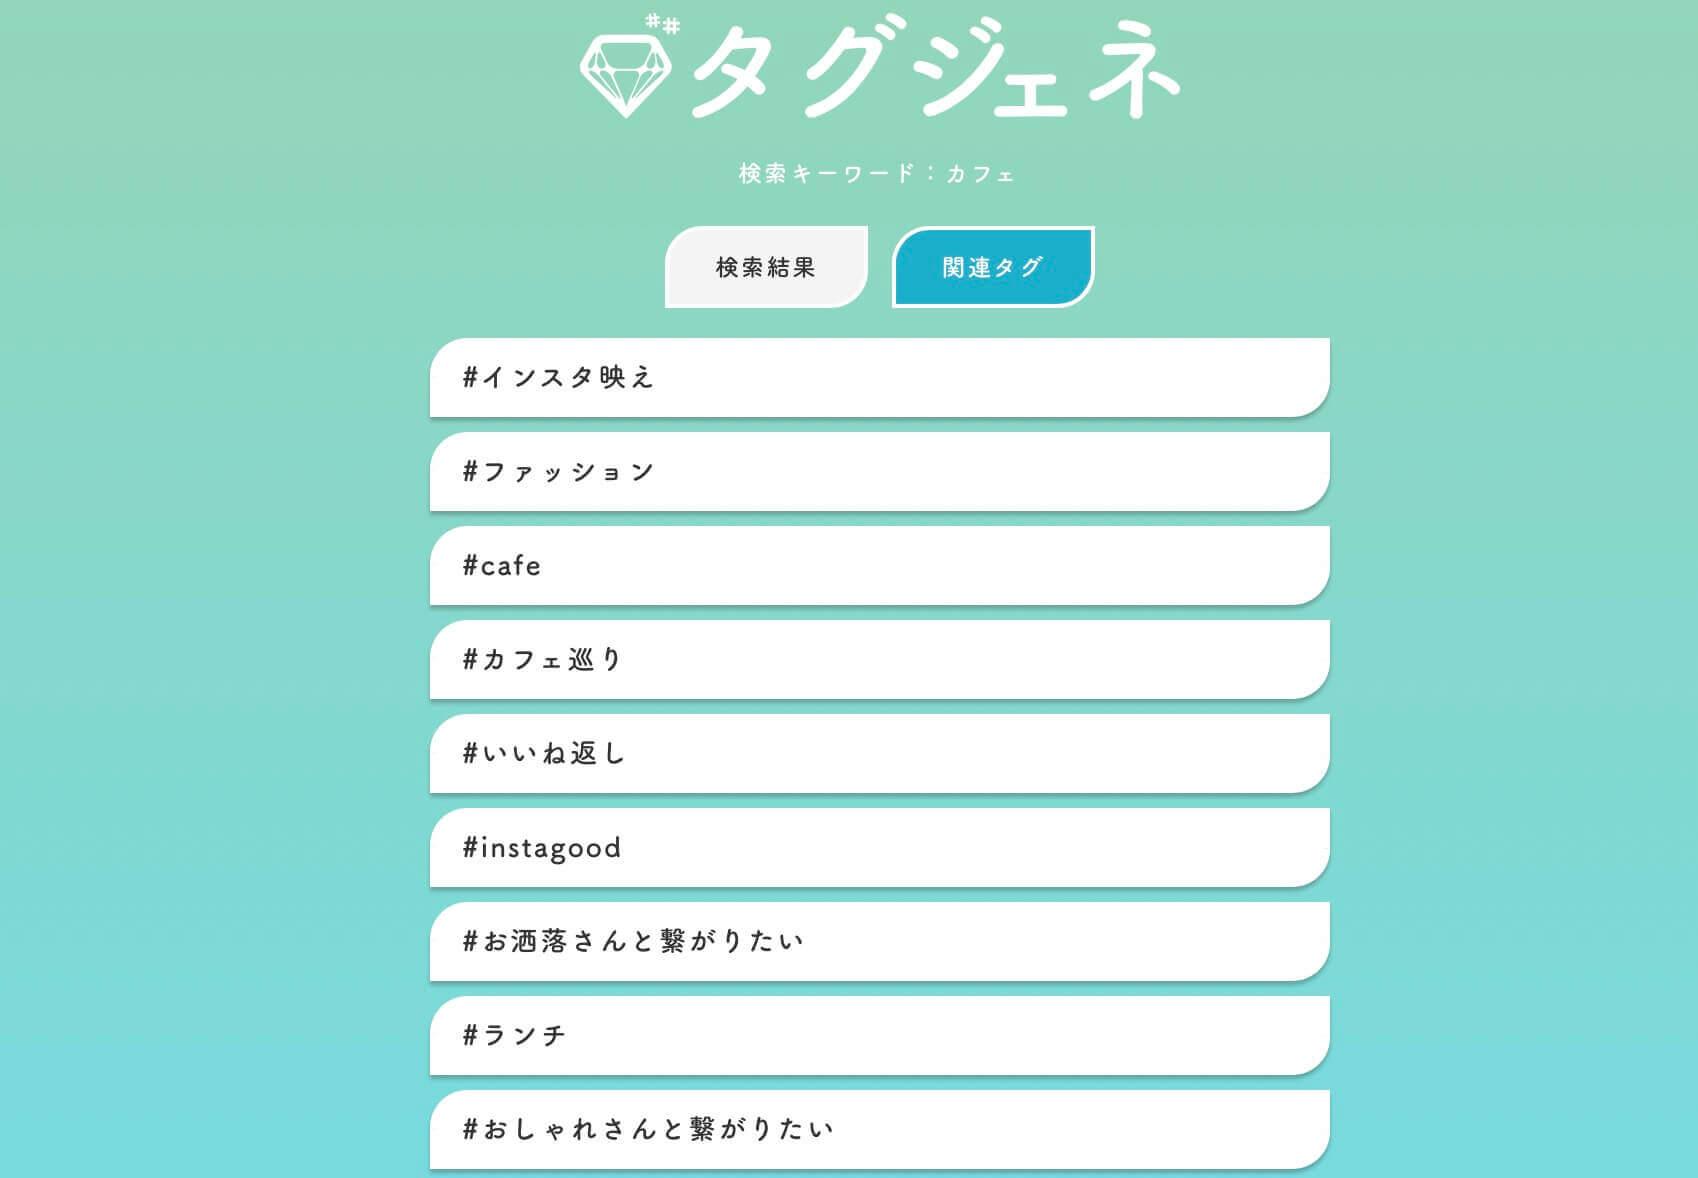 ハッシュタグ検索ツール